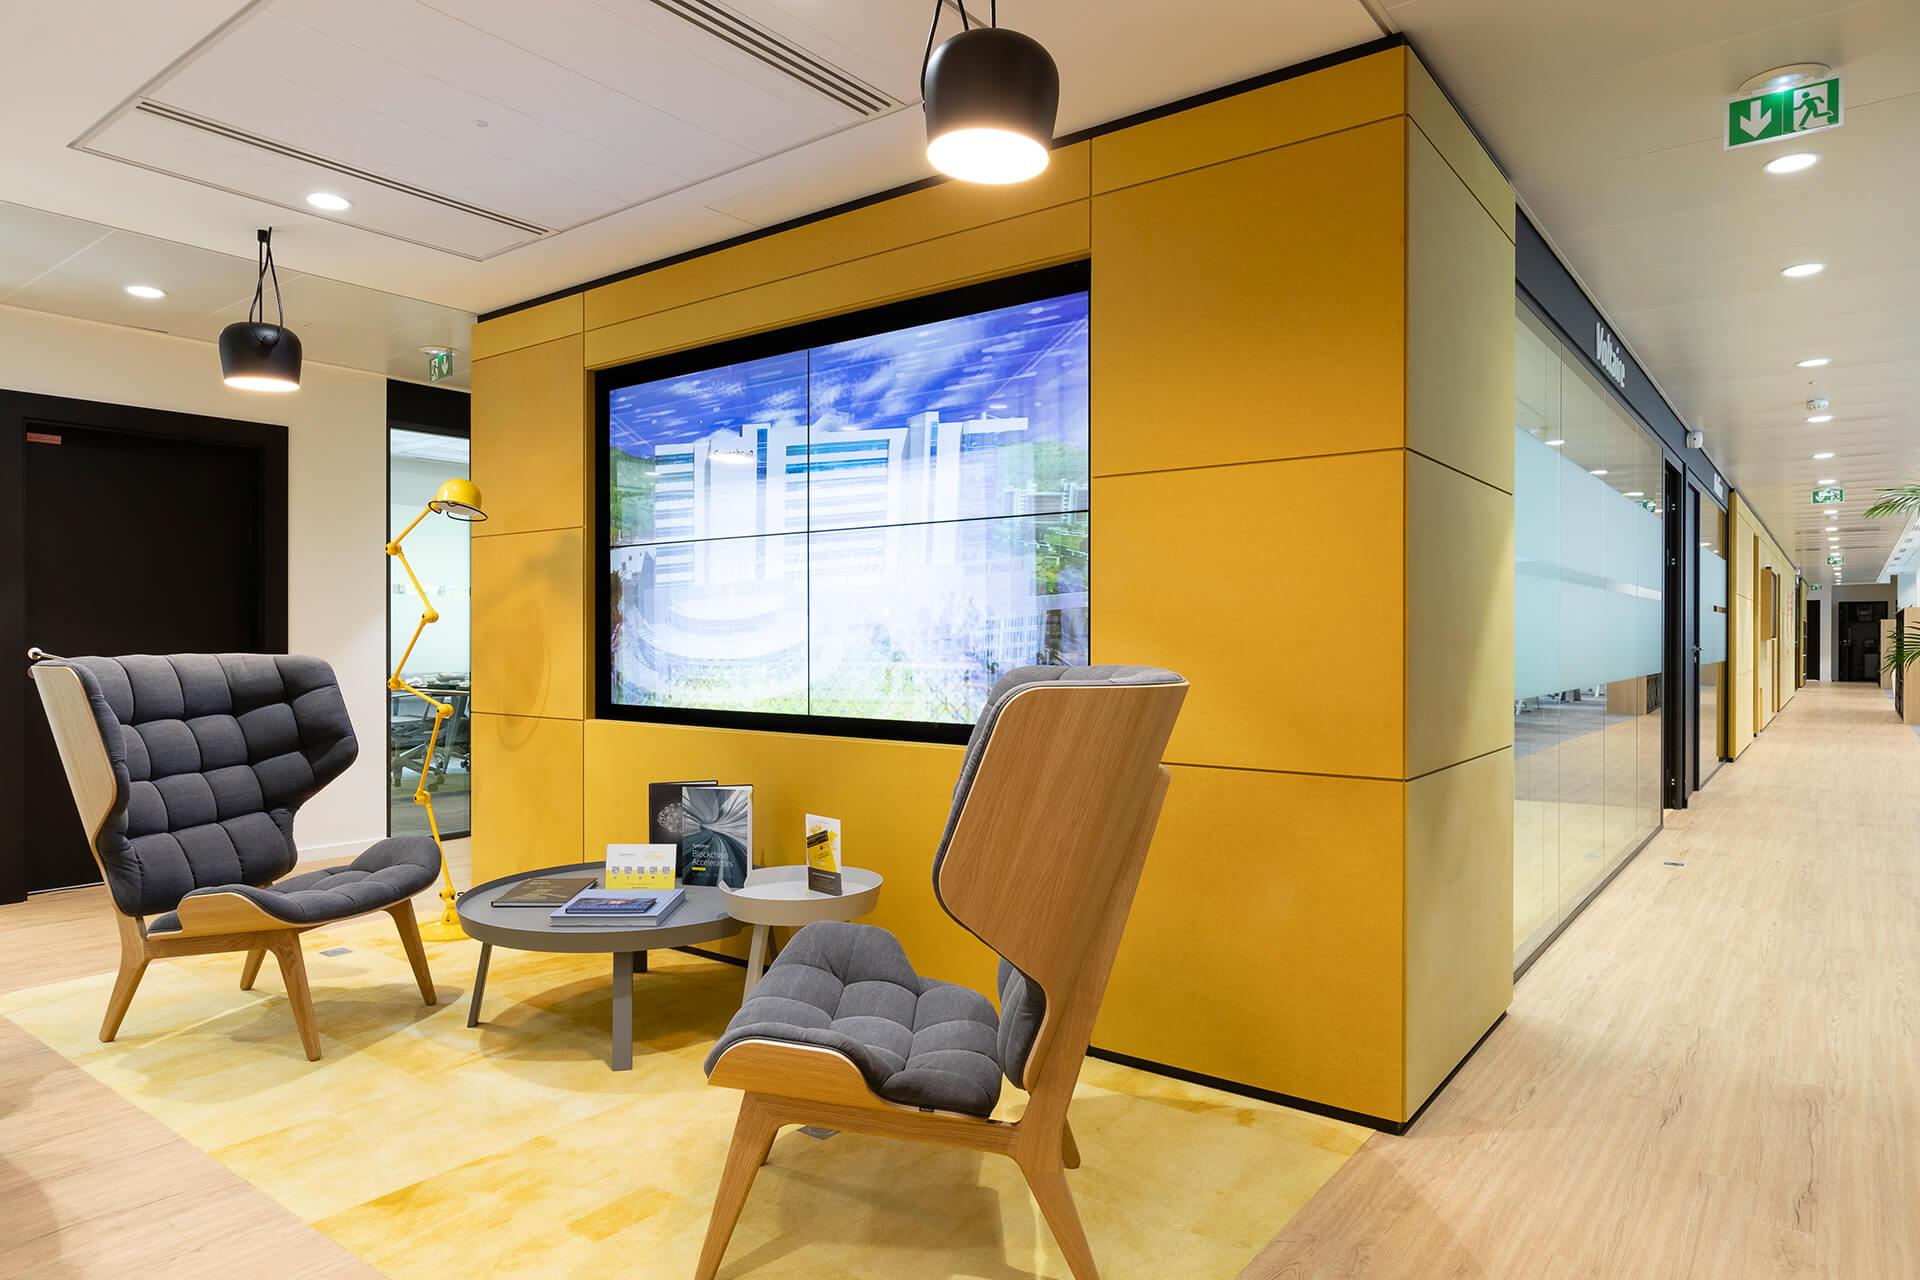 mobiliário de sala moderno cinzento e amarelo